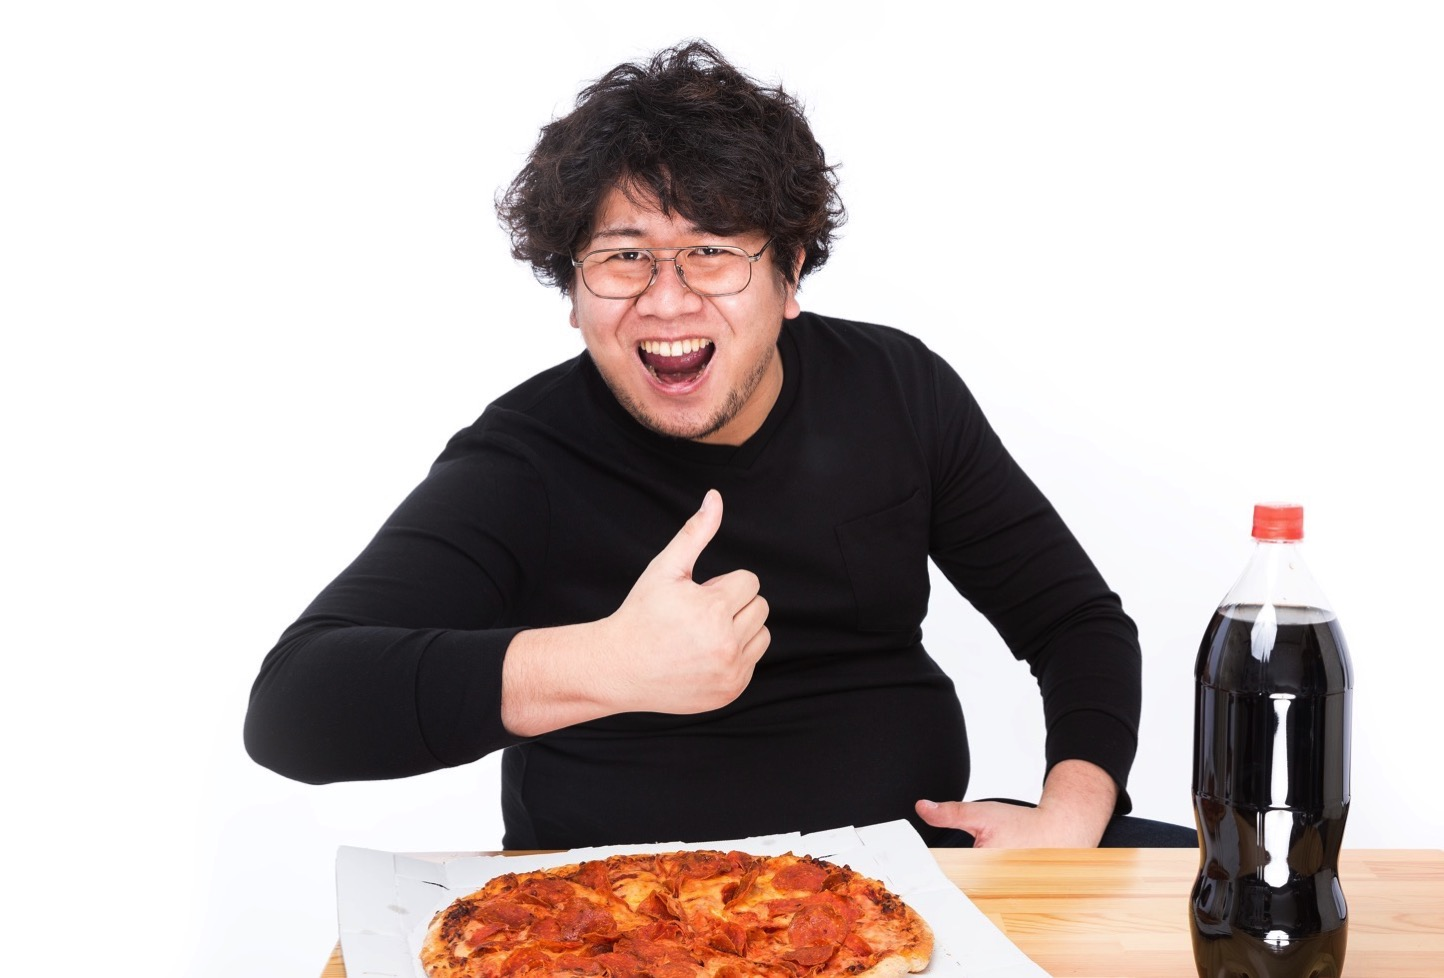 LIGブログ編集長、朽木 誠一郎の「意識の低いダイエット写真素材」